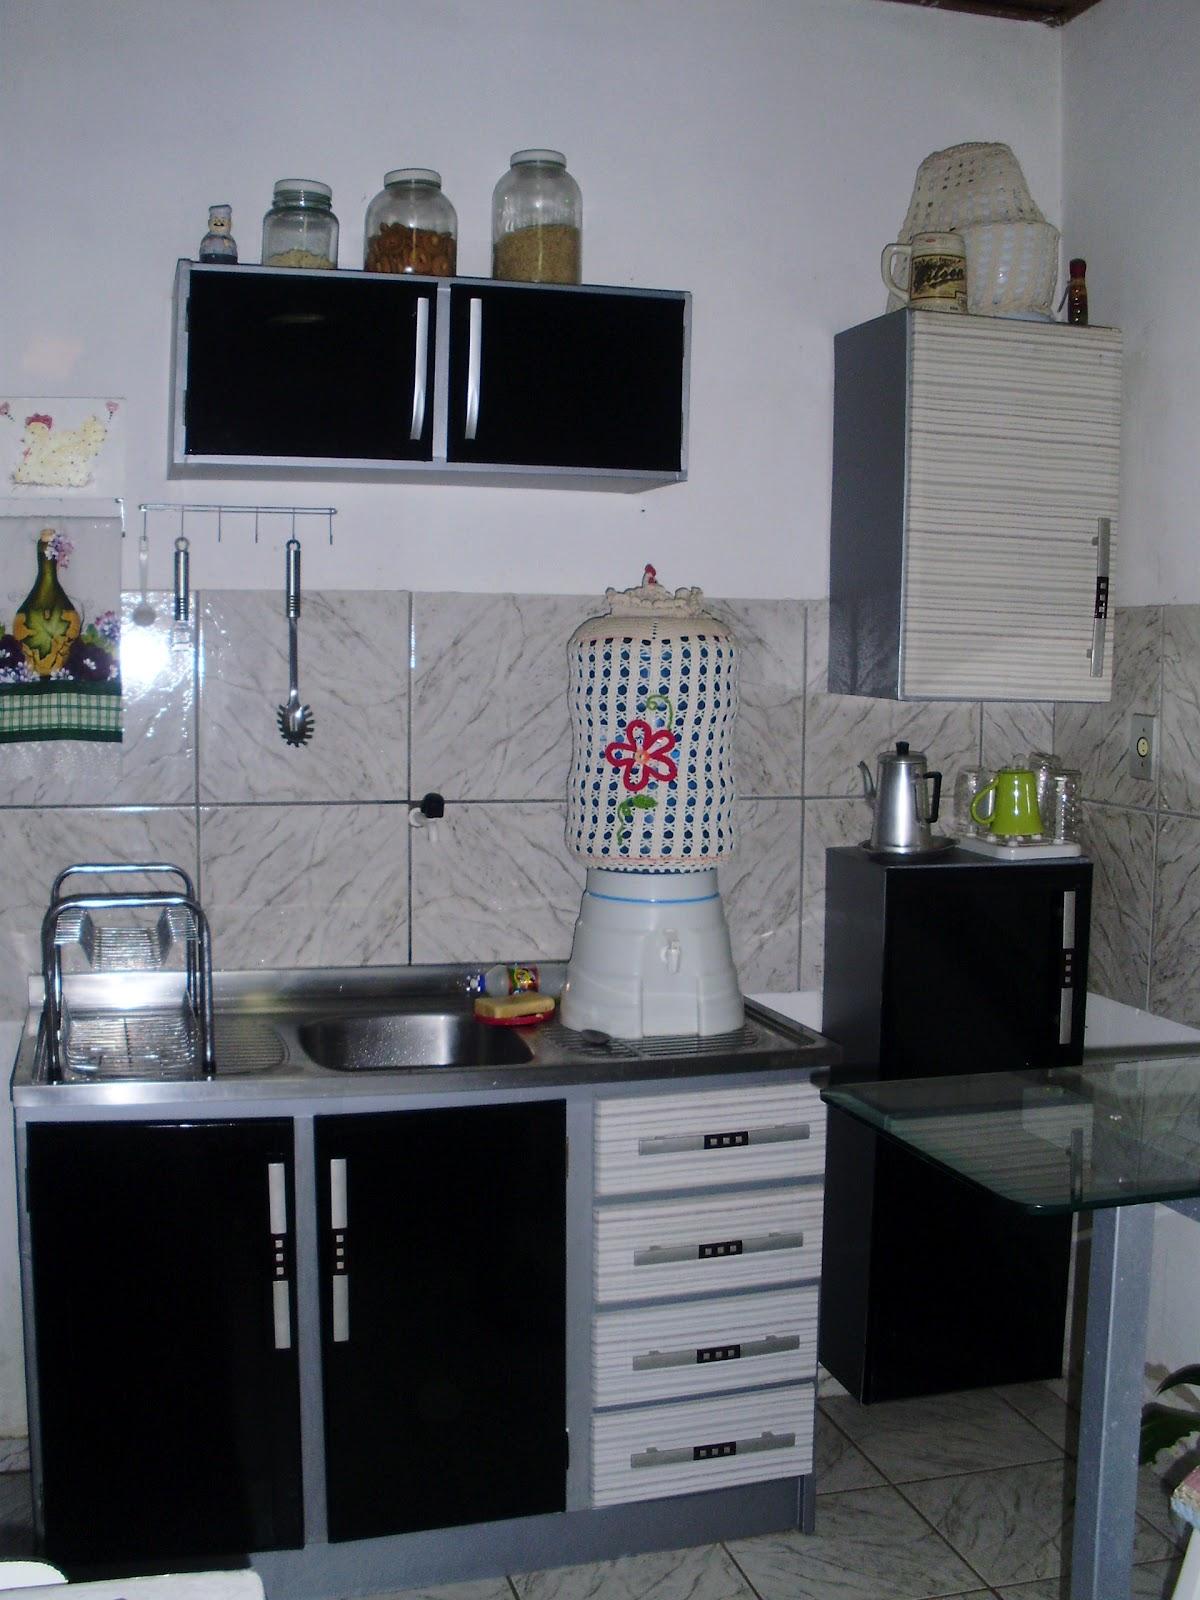 #65423A Proximo passo agora será a geladeira .vamos ver o que vou inventar  1200x1600 px Projeto Armario De Cozinha Passo A Passo_4006 Imagens